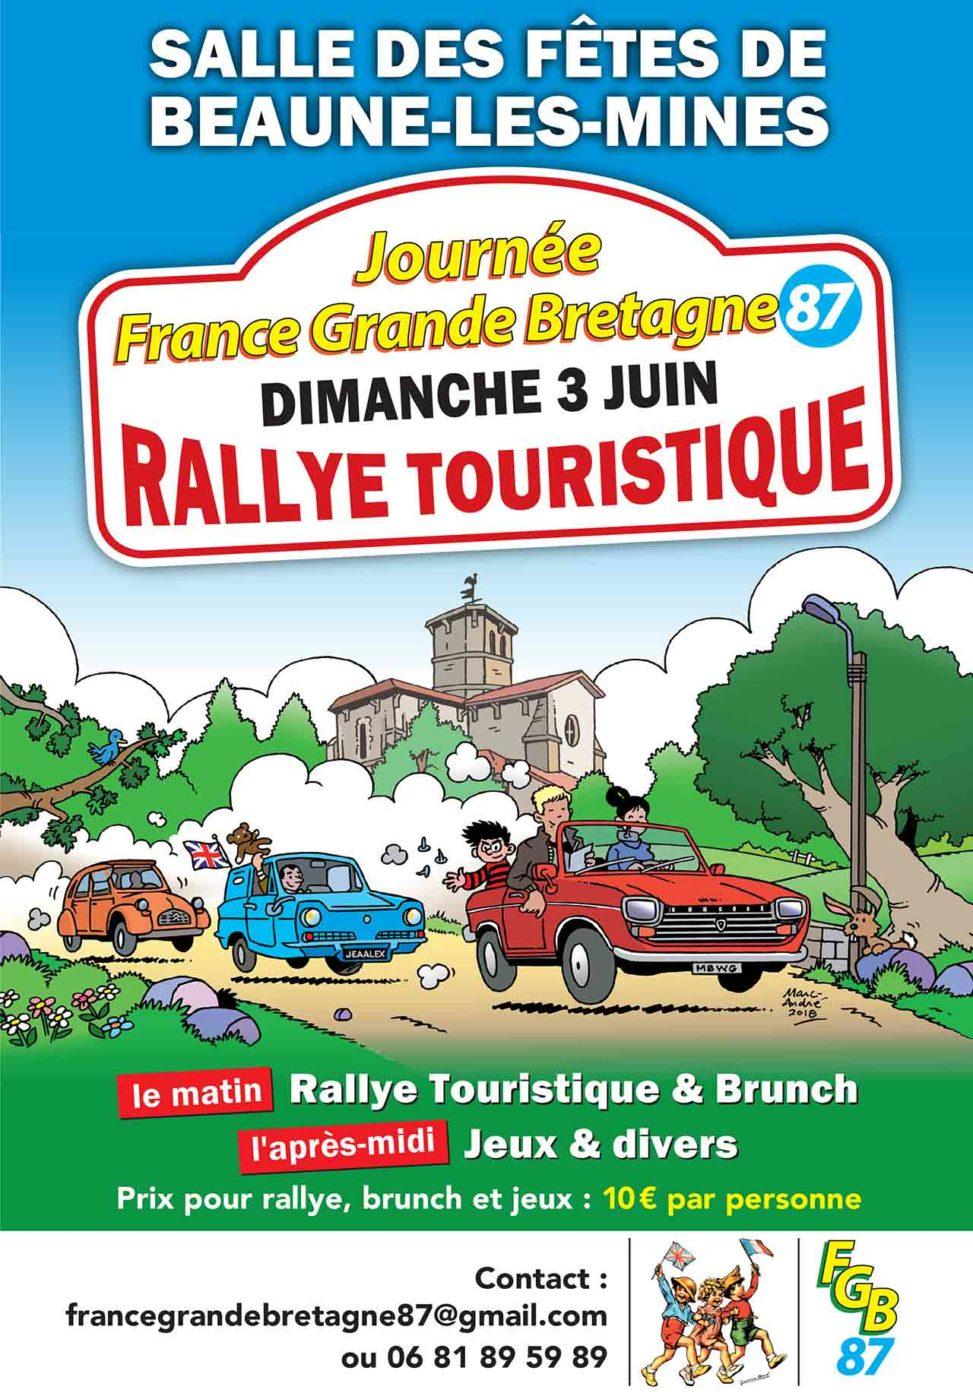 2018-Affiche-et-flyer-pour-le-rallye-touristique-de-Beaune-les-Mines-Association-France-Grande-Bretagne Limoges